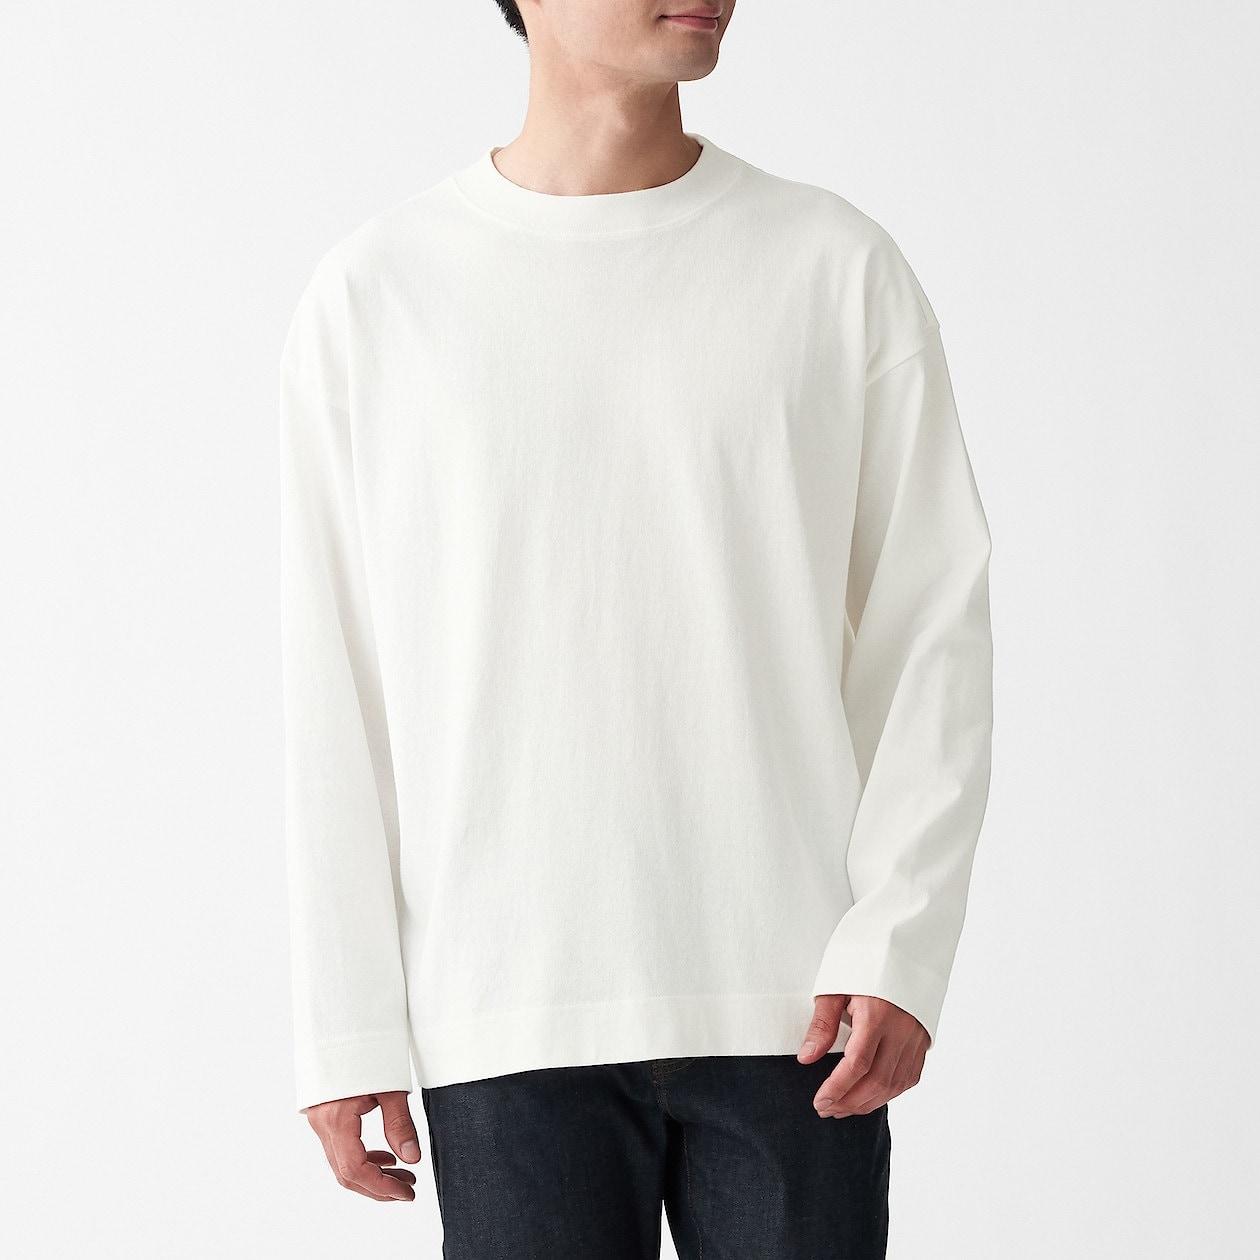 太番手天竺編み長袖Tシャツ